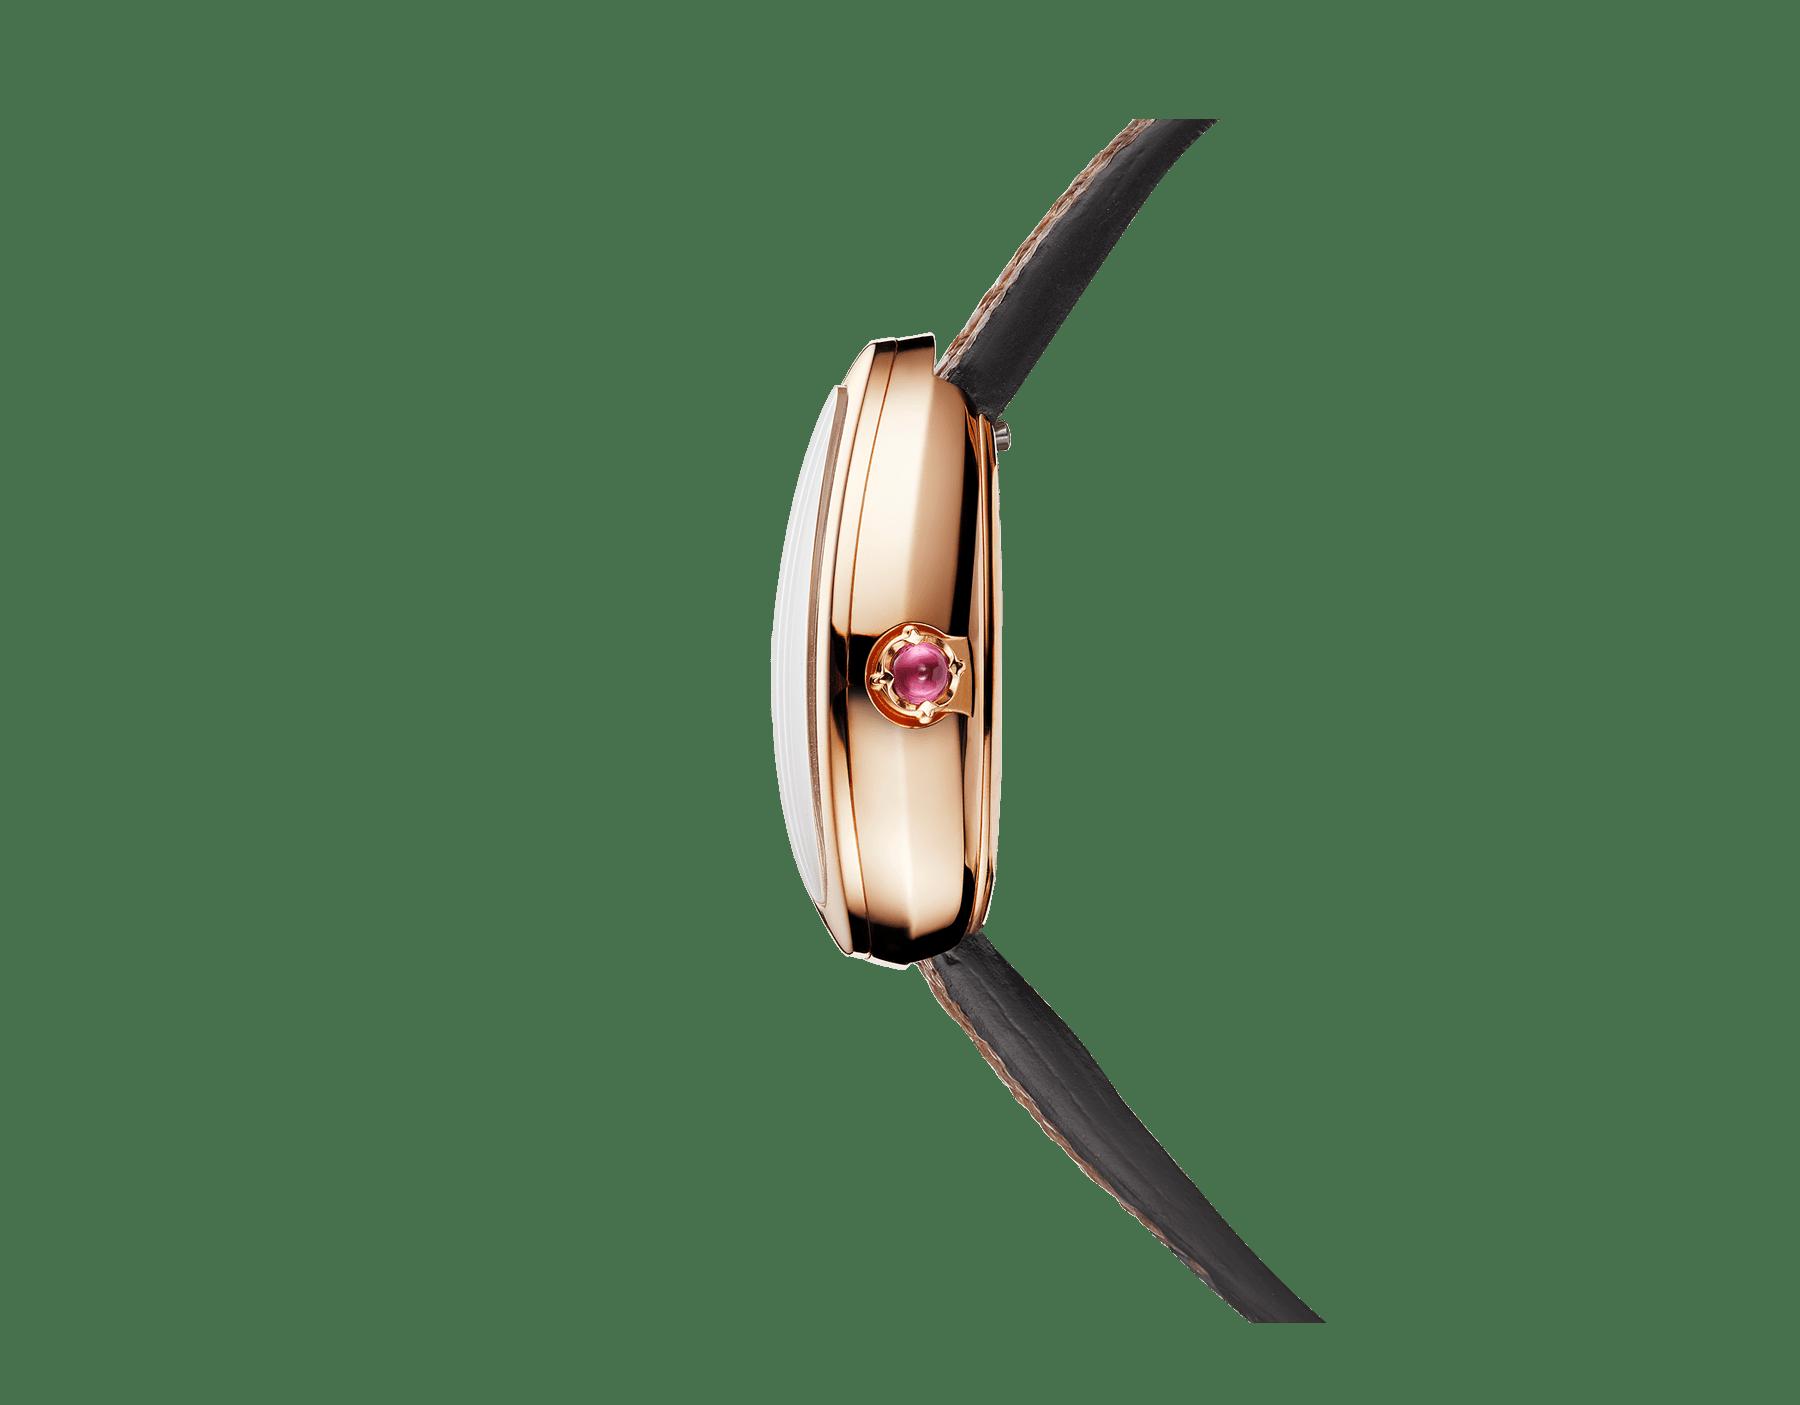 Orologio Serpenti con cassa in oro rosa 18 kt, quadrante bianco in madreperla e bracciale intercambiabile a doppia spirale in karung marrone. 102919 image 2